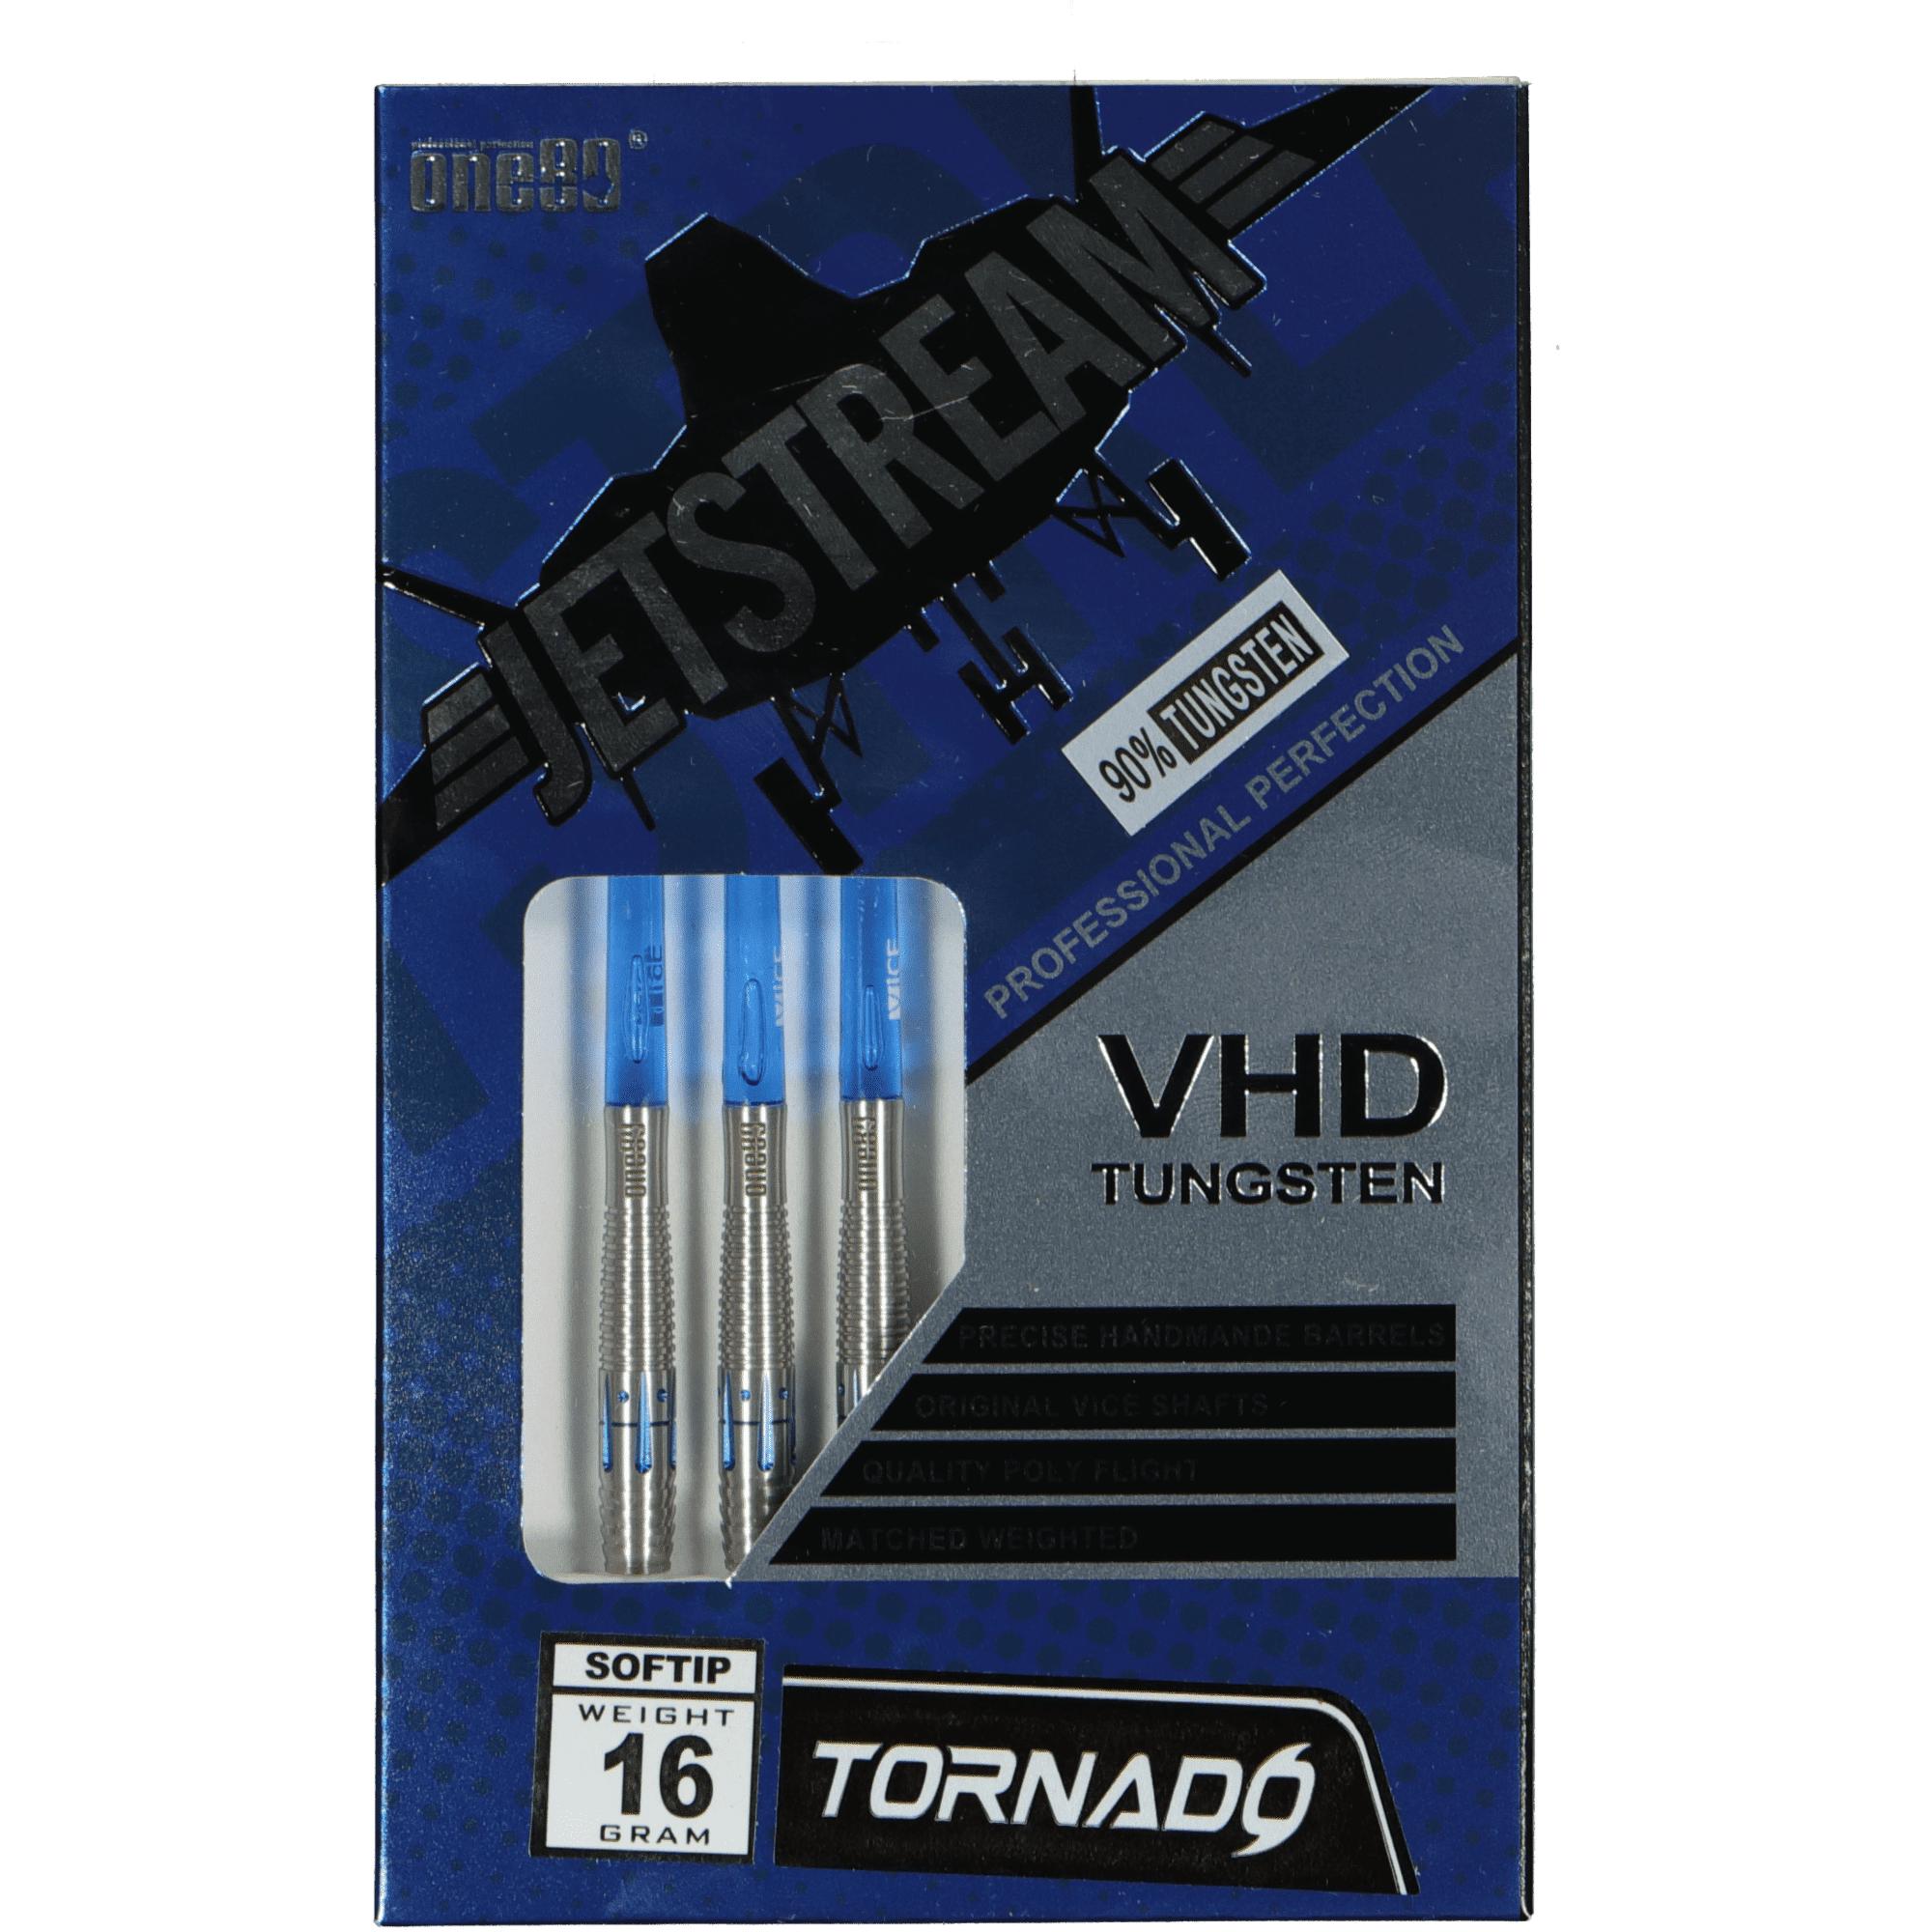 One80 Jetstream Tornado, dartpiler